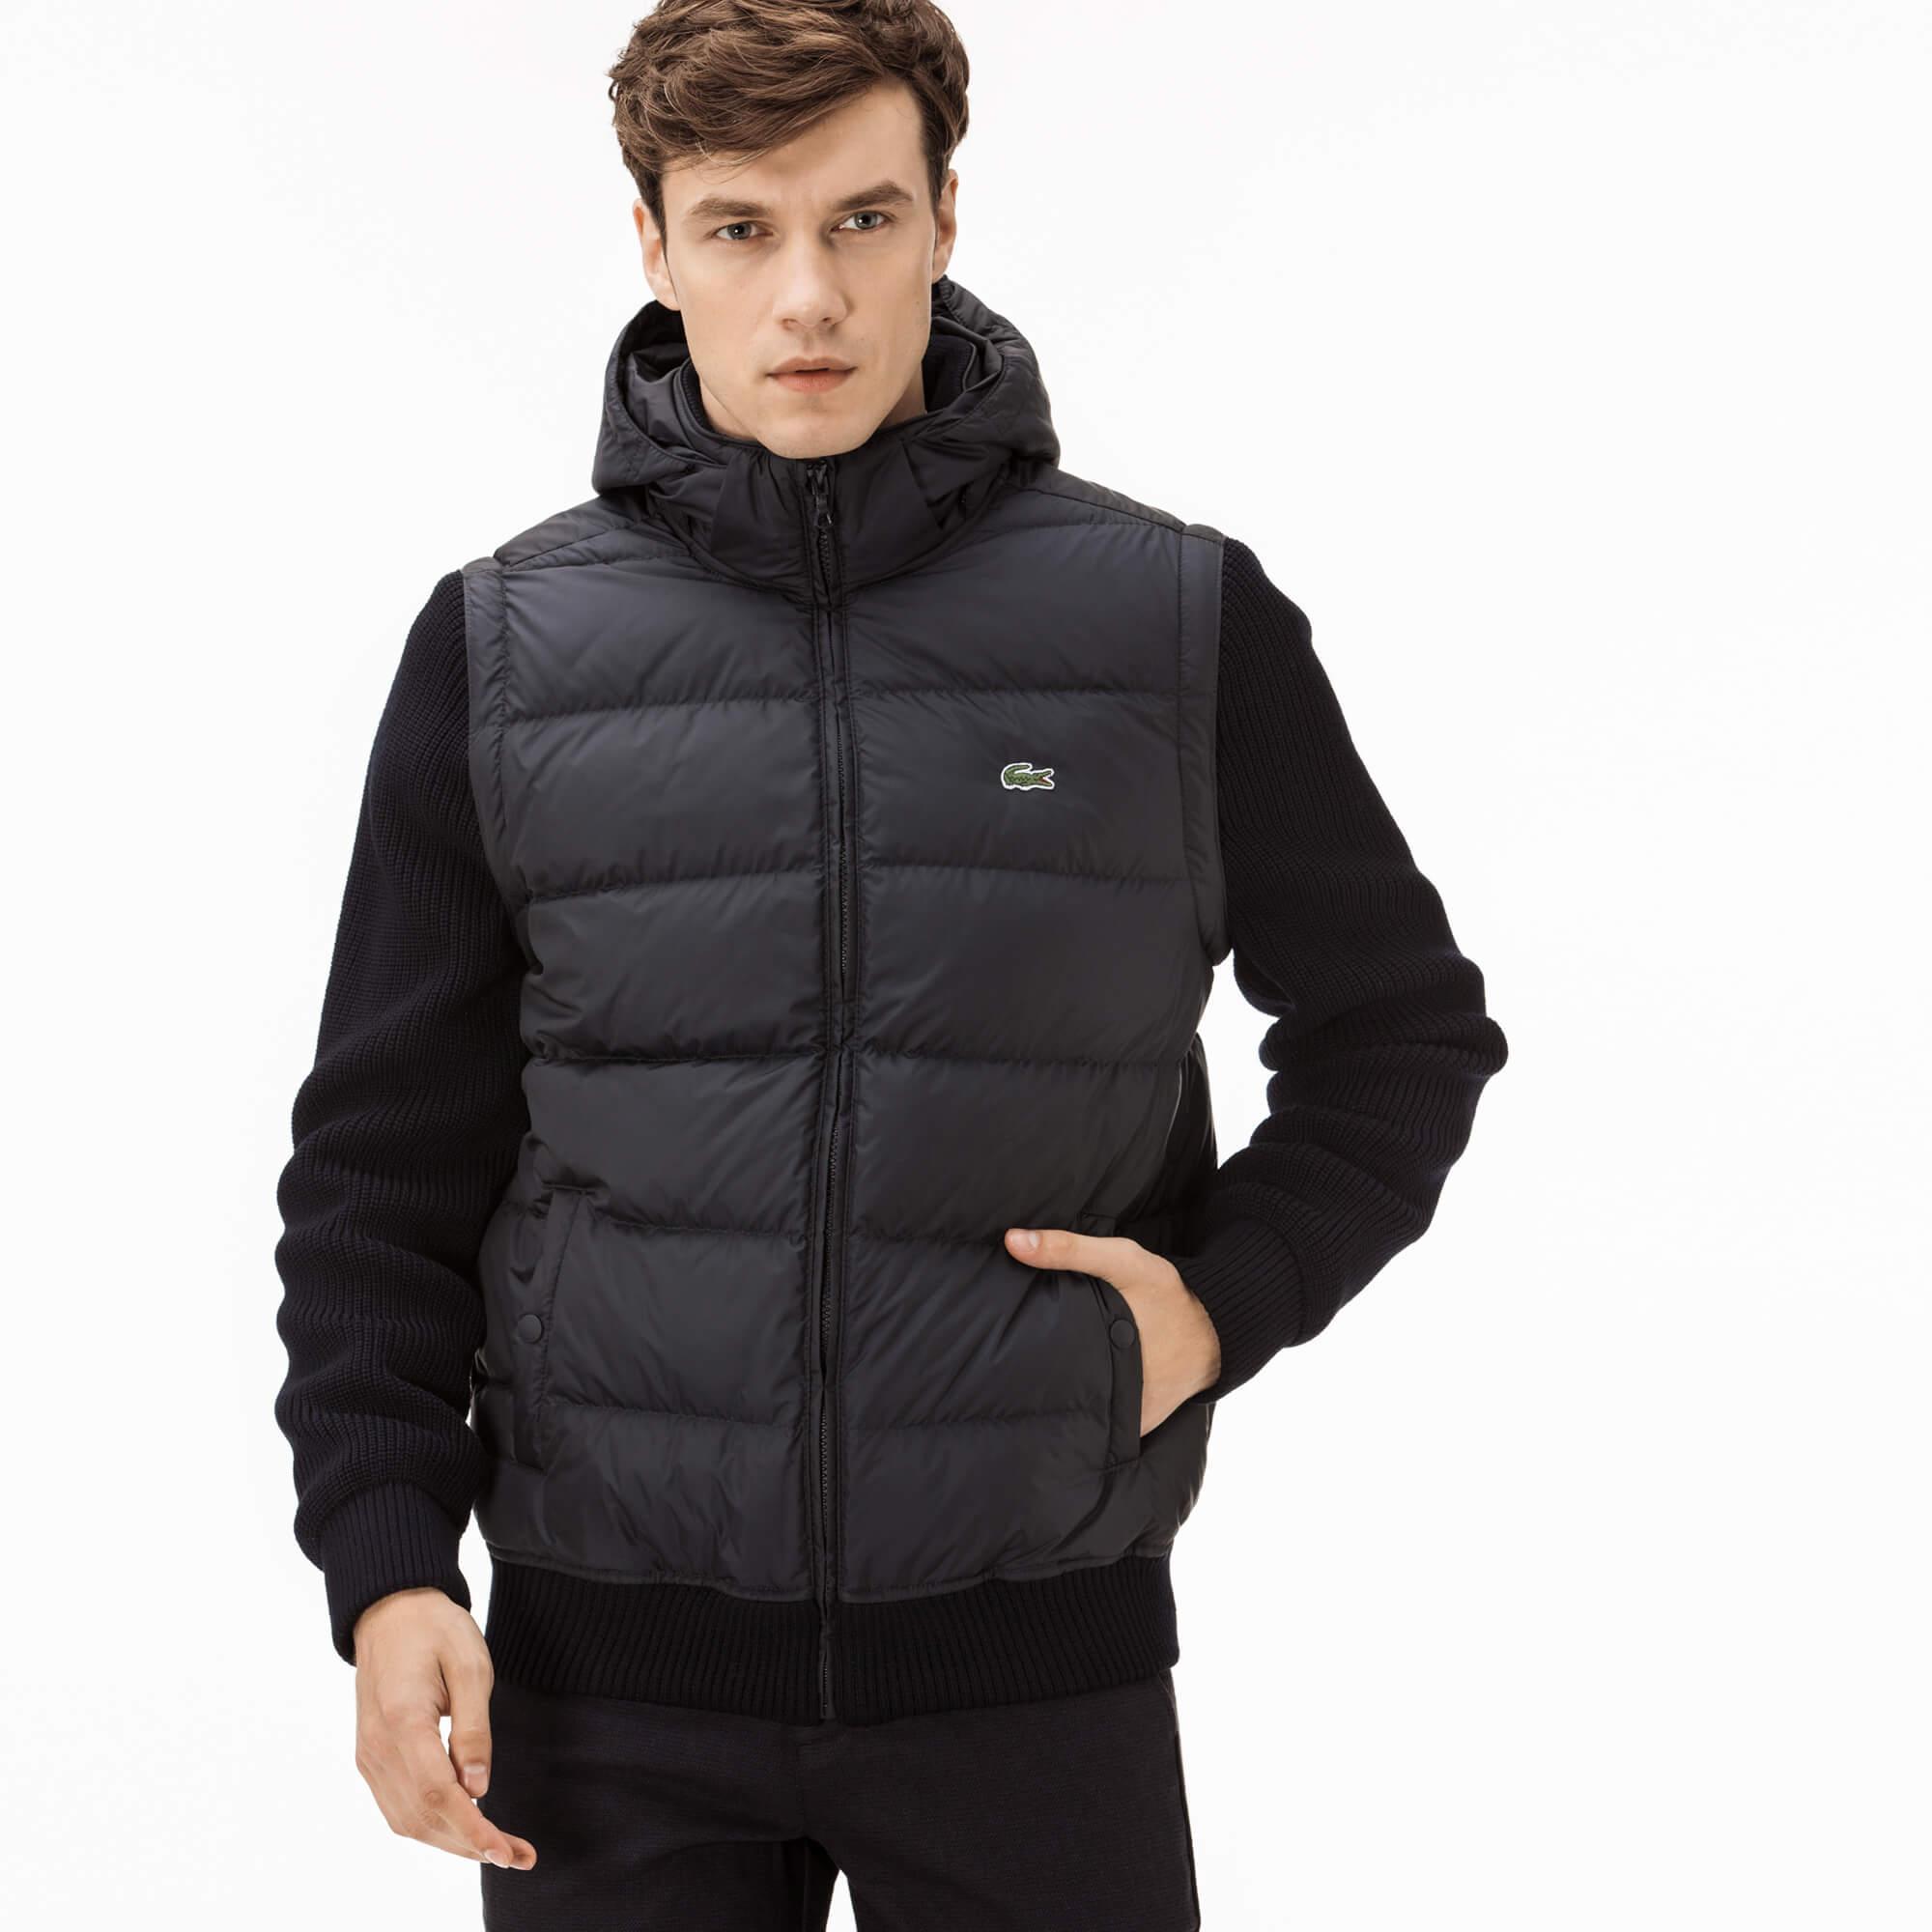 Куртка LacosteВерхняя одежда<br>Детали: на молнии;\Капюшон и отстегивающиеся рукава;\Эластичный ворот и нижний край;\Классический логотип Lacoste\Материал: 100% полиэстер 50% шерсть 50% акрил